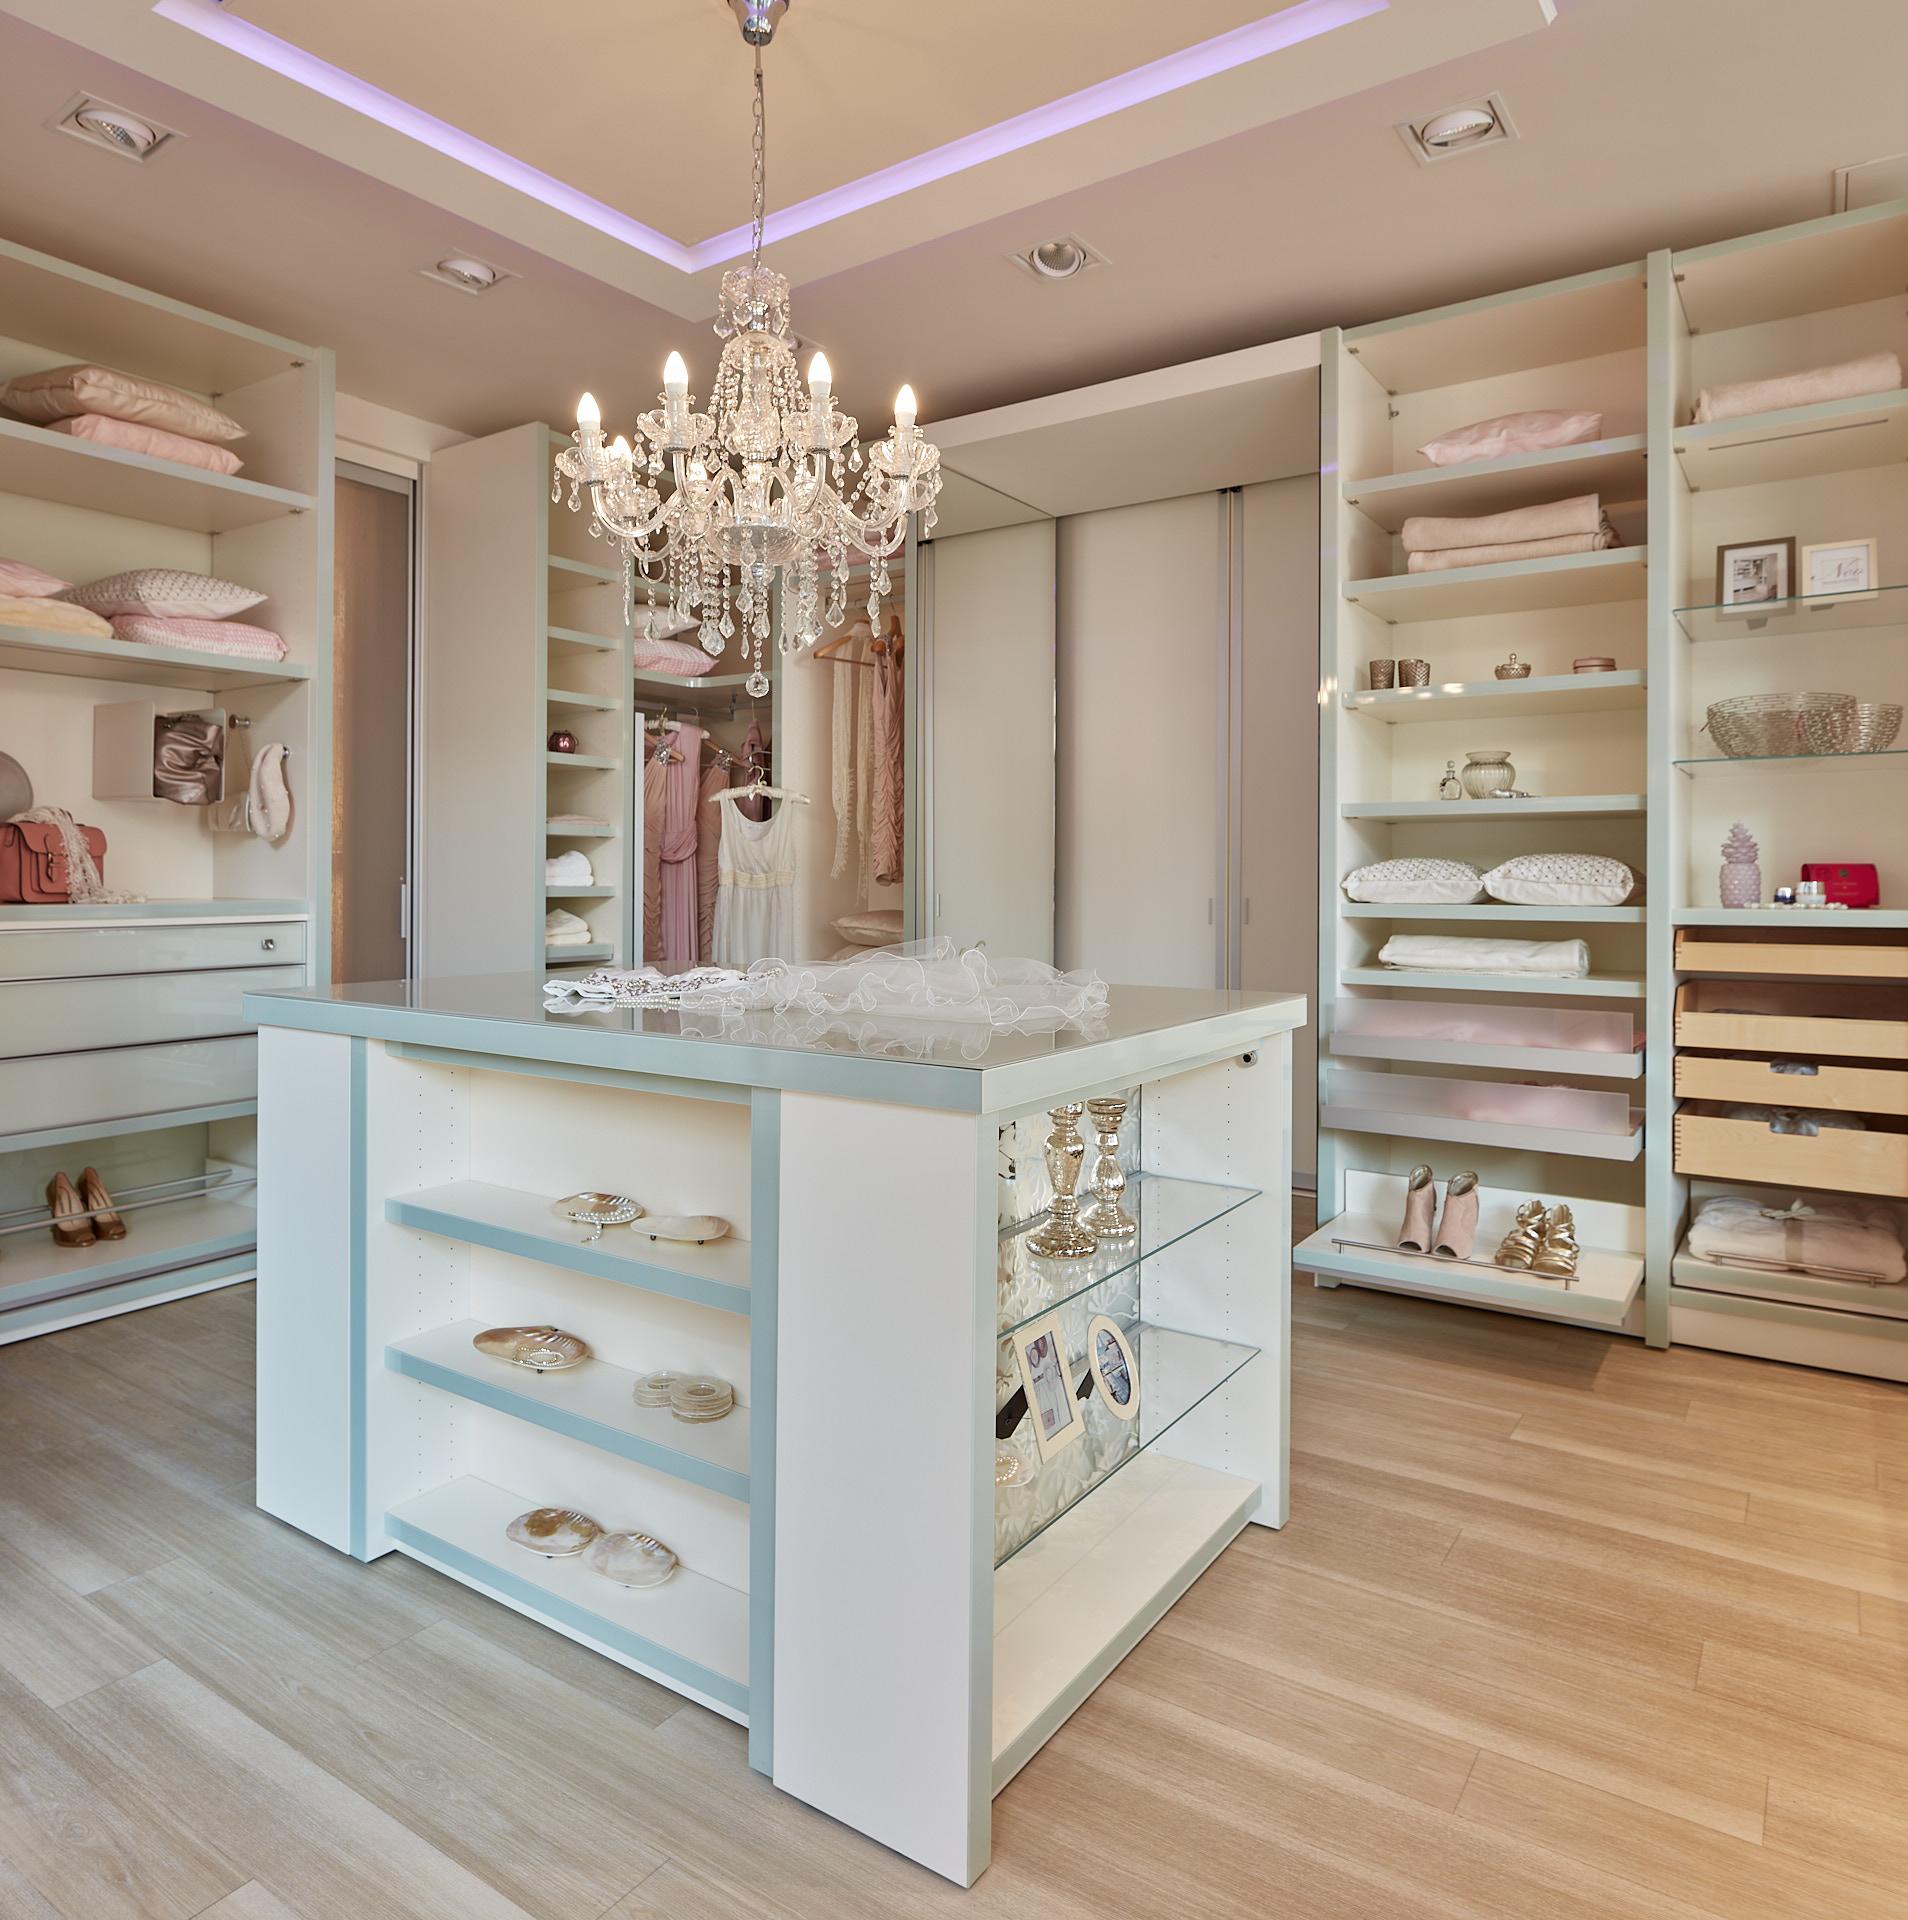 Luxus Ankleidezimmer mit Mittelblock und elektrischen Schiebetüren.